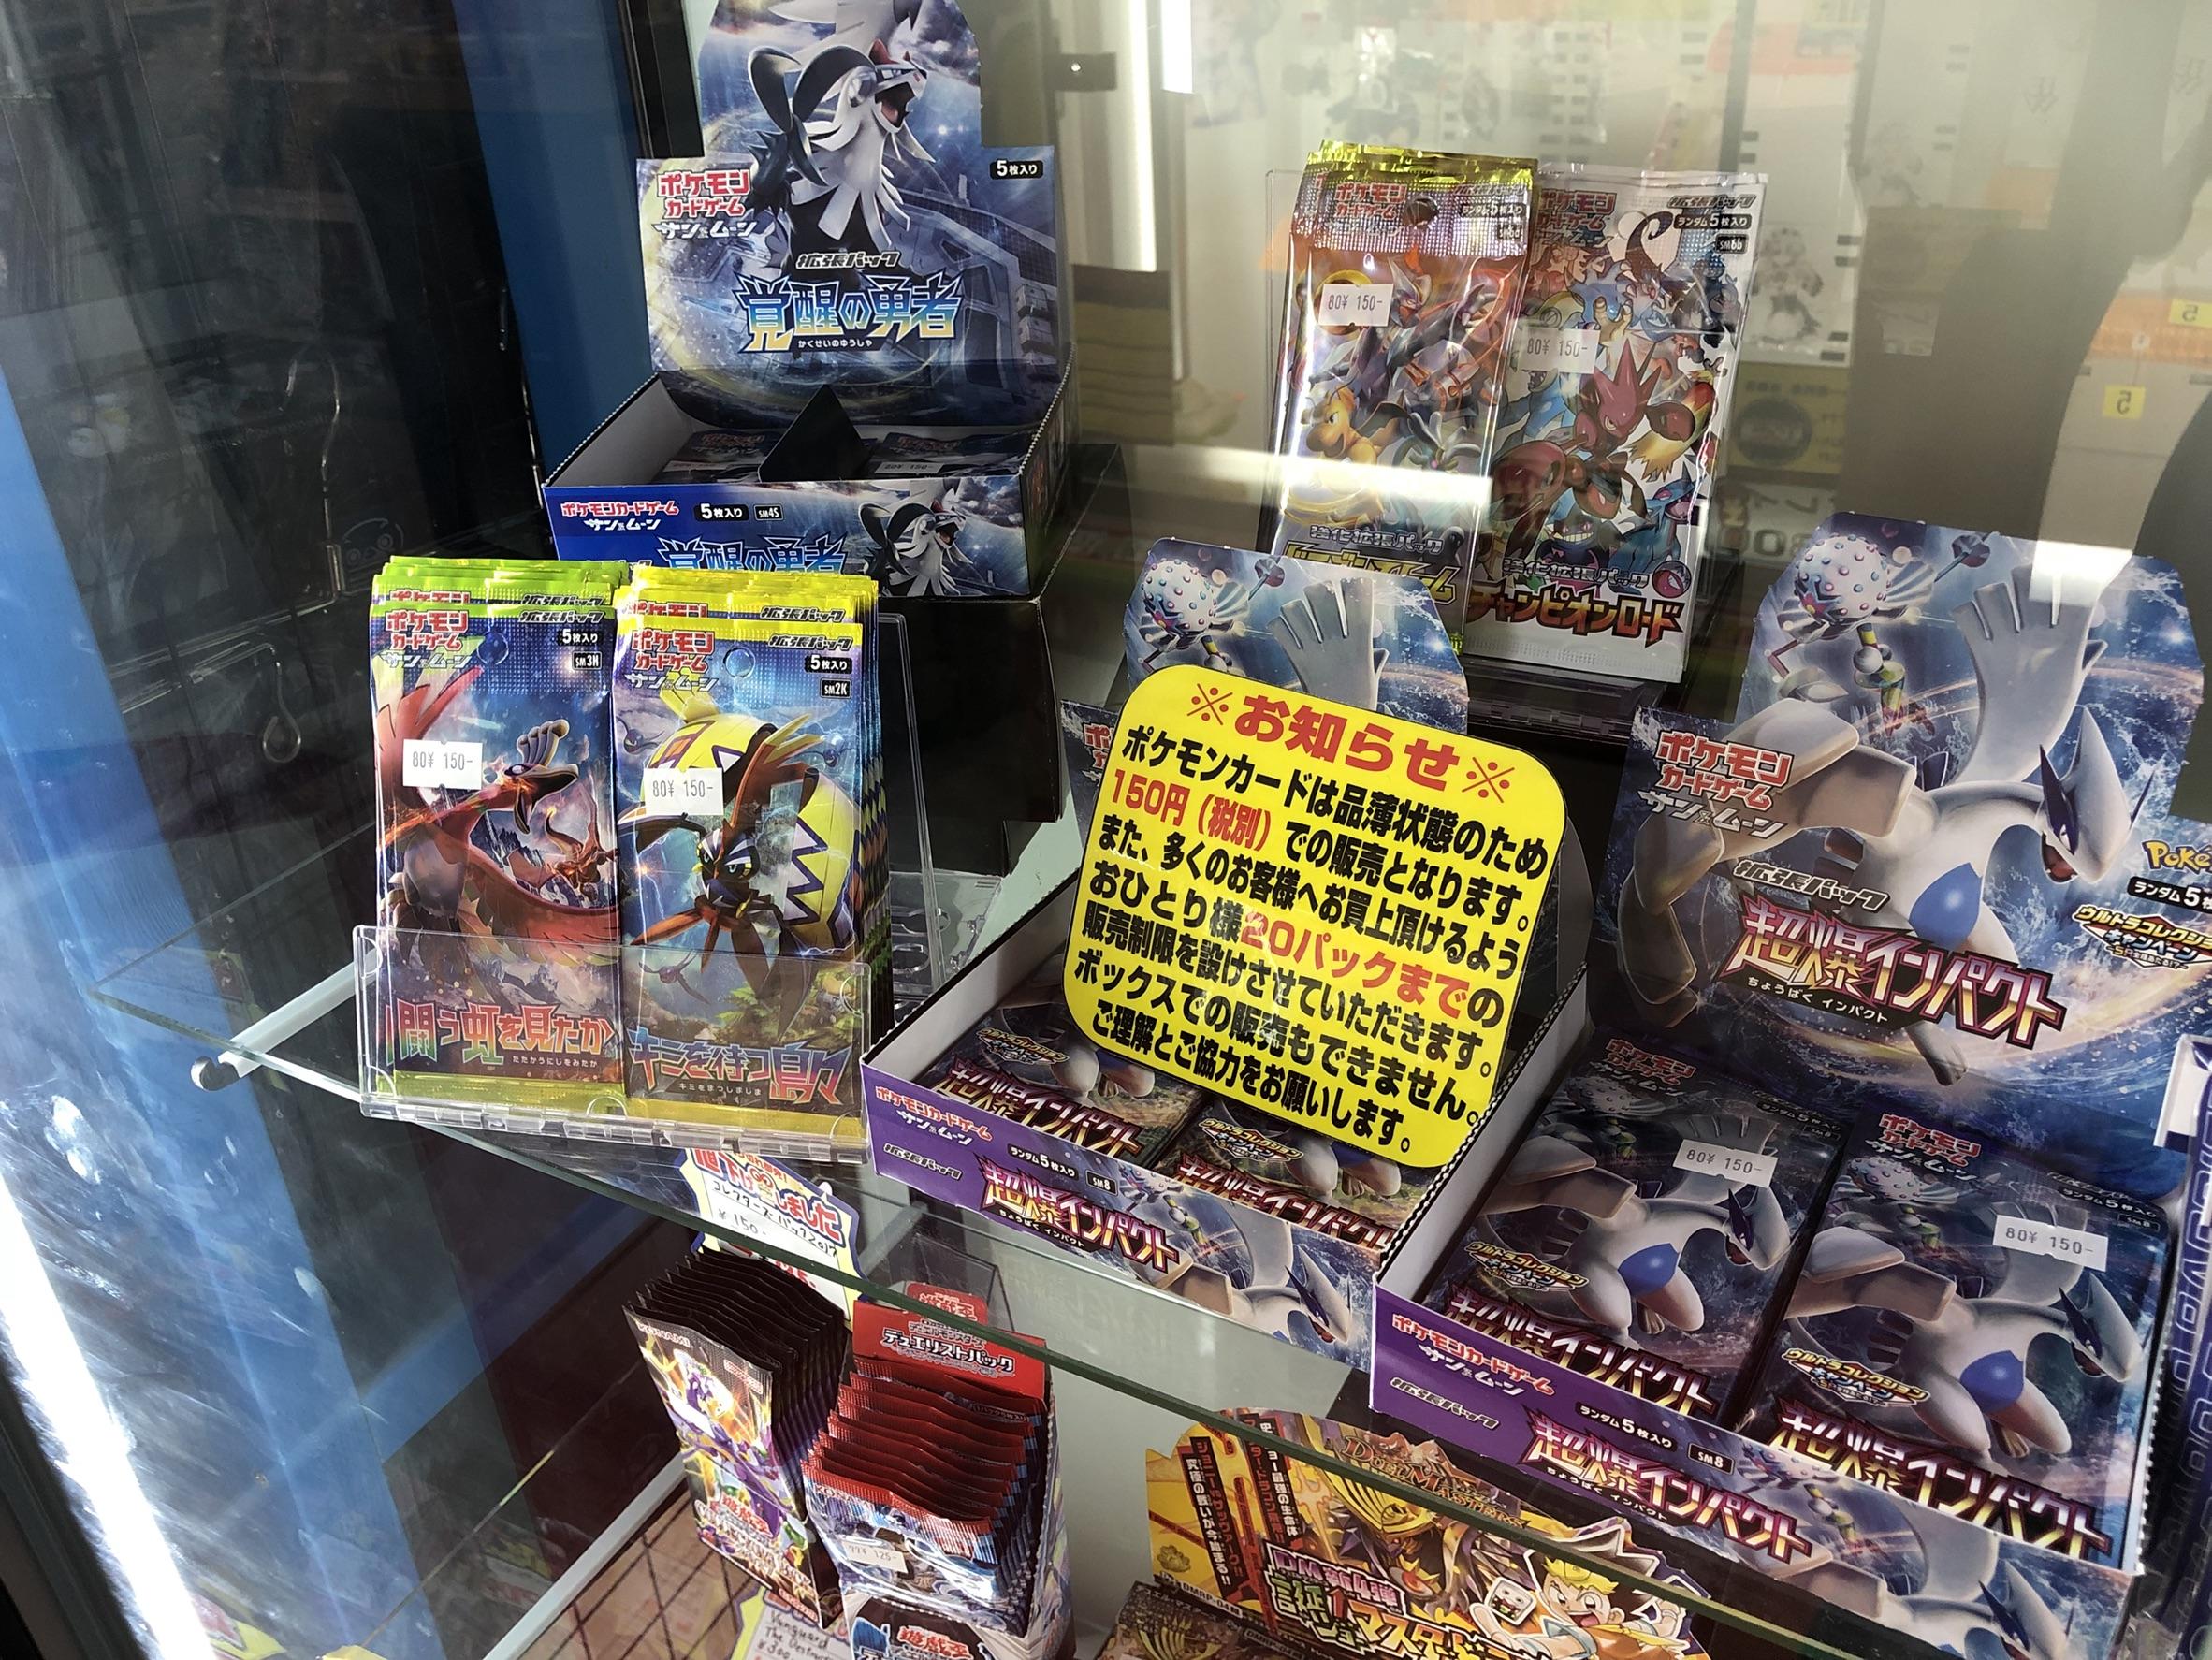 ☆大人気ポケモンカード販売中!『超爆インパクト』もあります!ポケモン